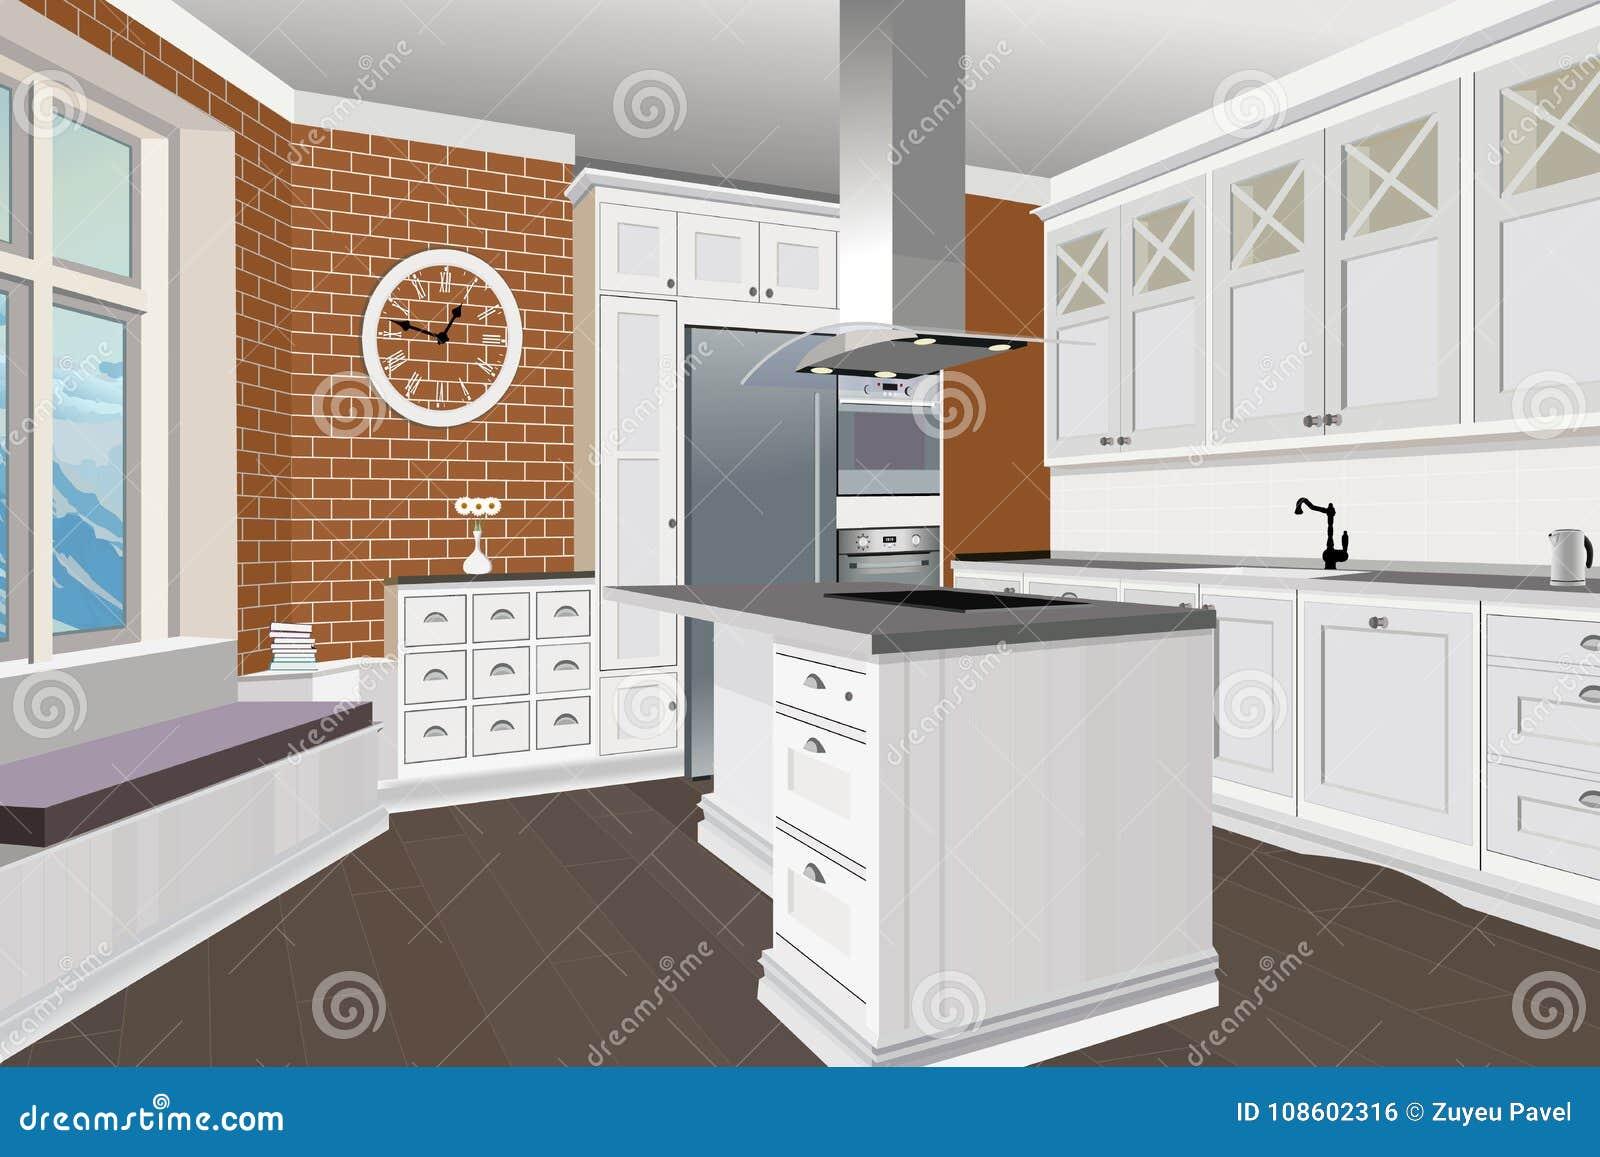 Fondo interior de la cocina con muebles dise o de cocina - Interior muebles cocina ...